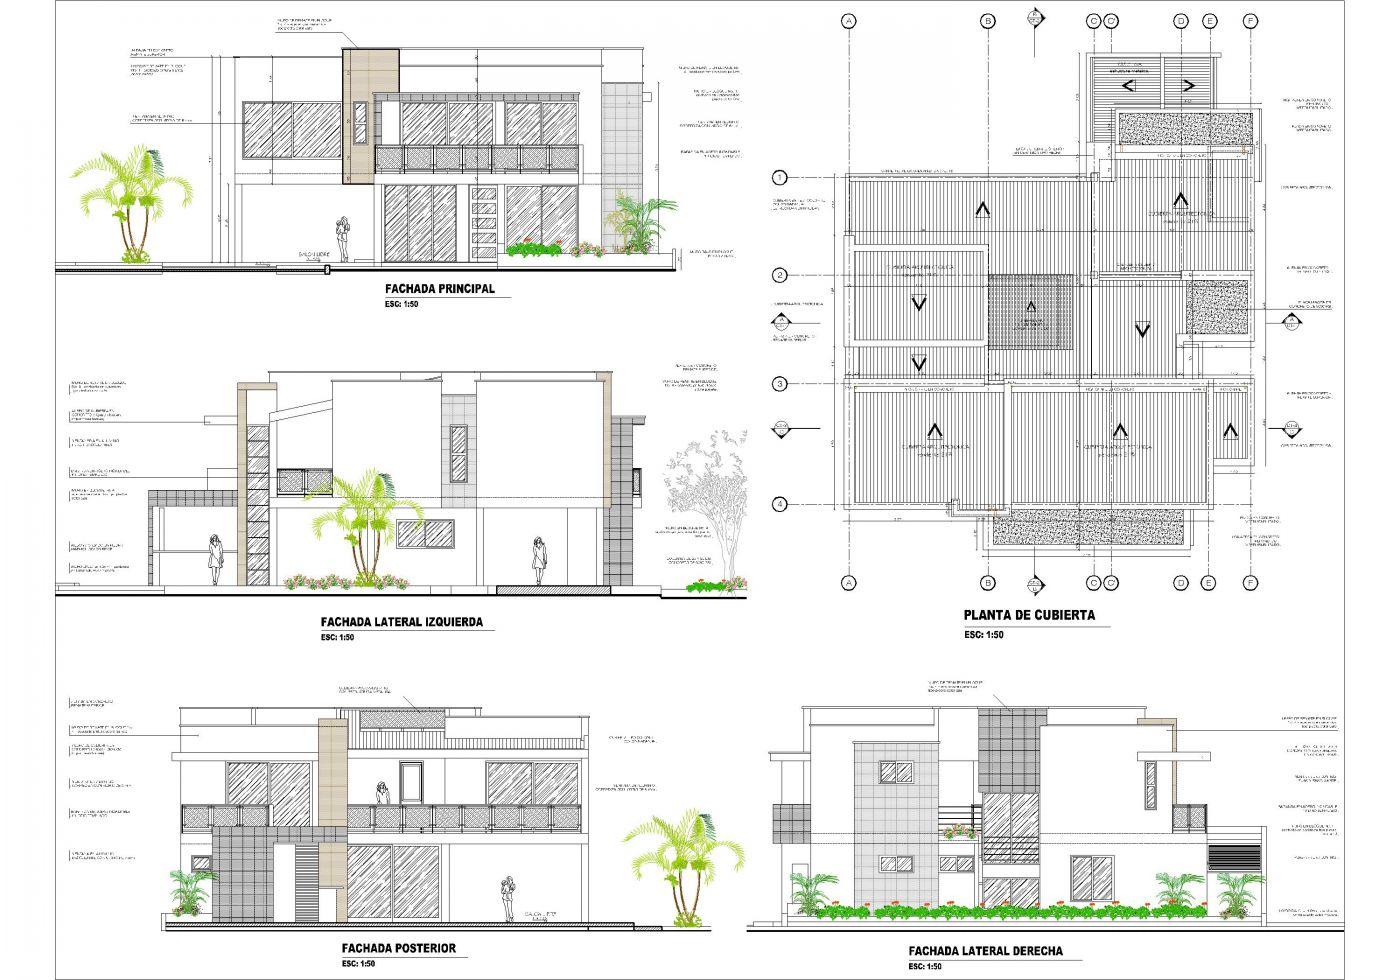 planos de casas campestres dise os modernos venta en linea